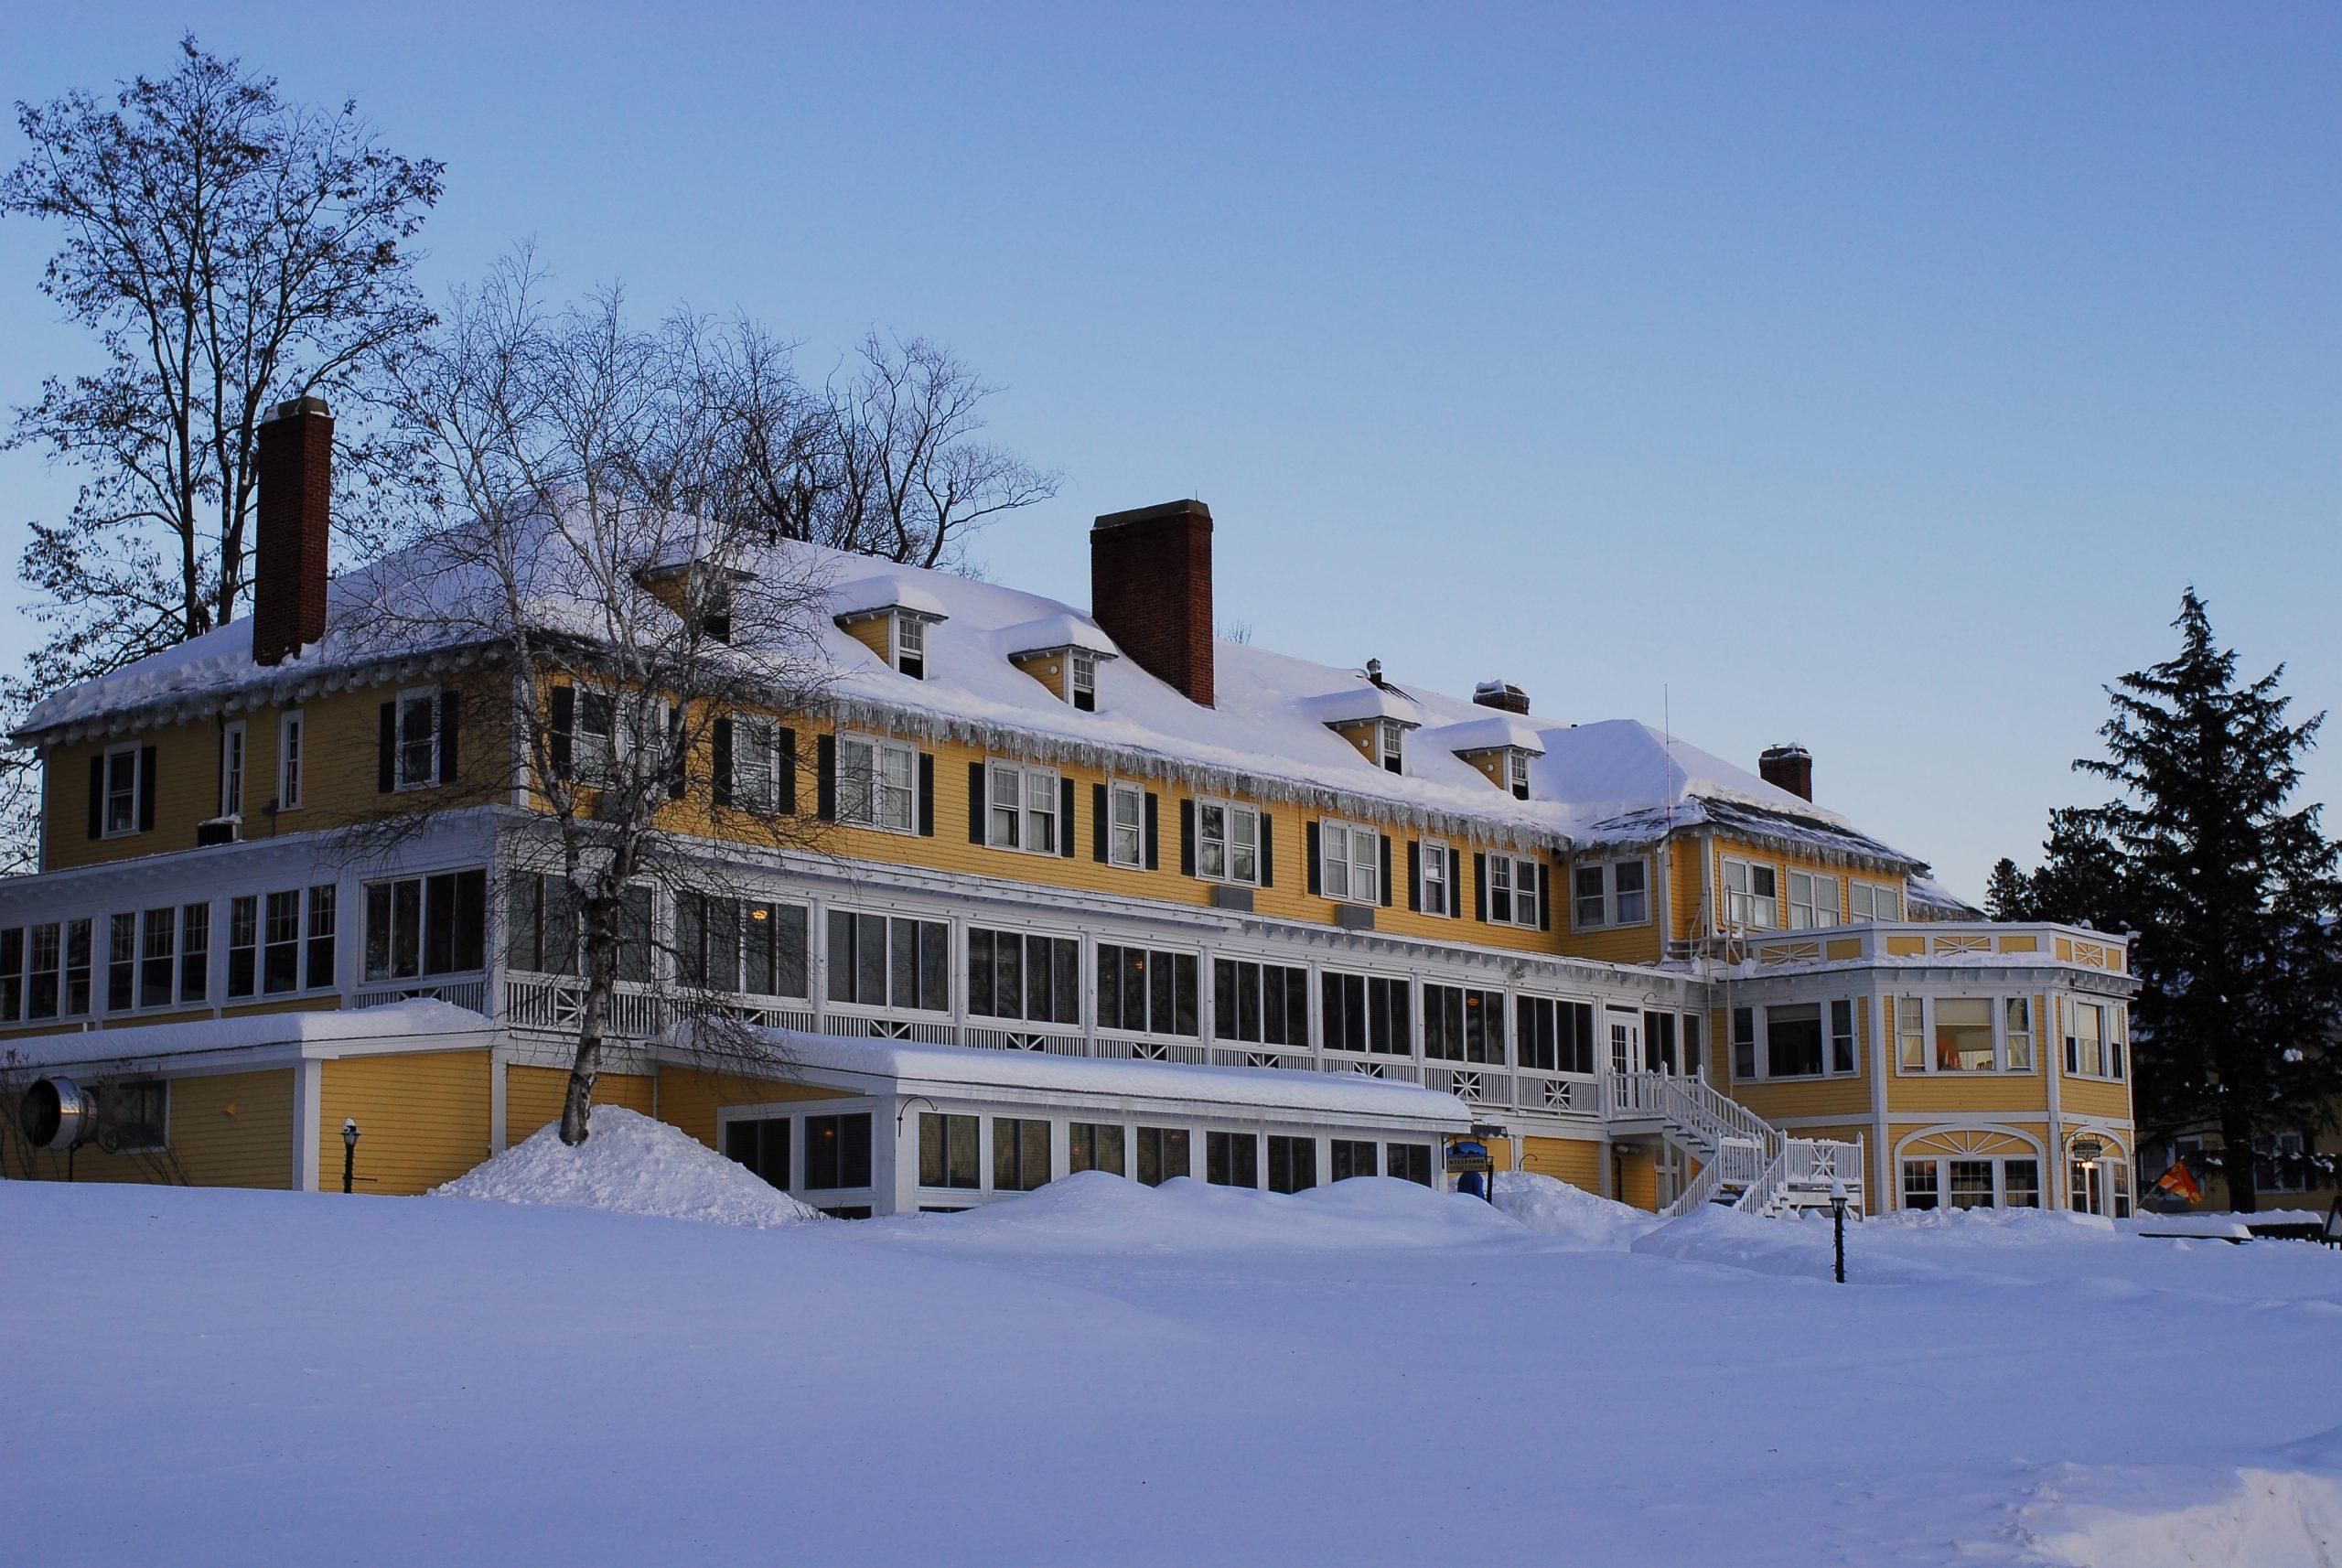 The Bethel Inn in Winter